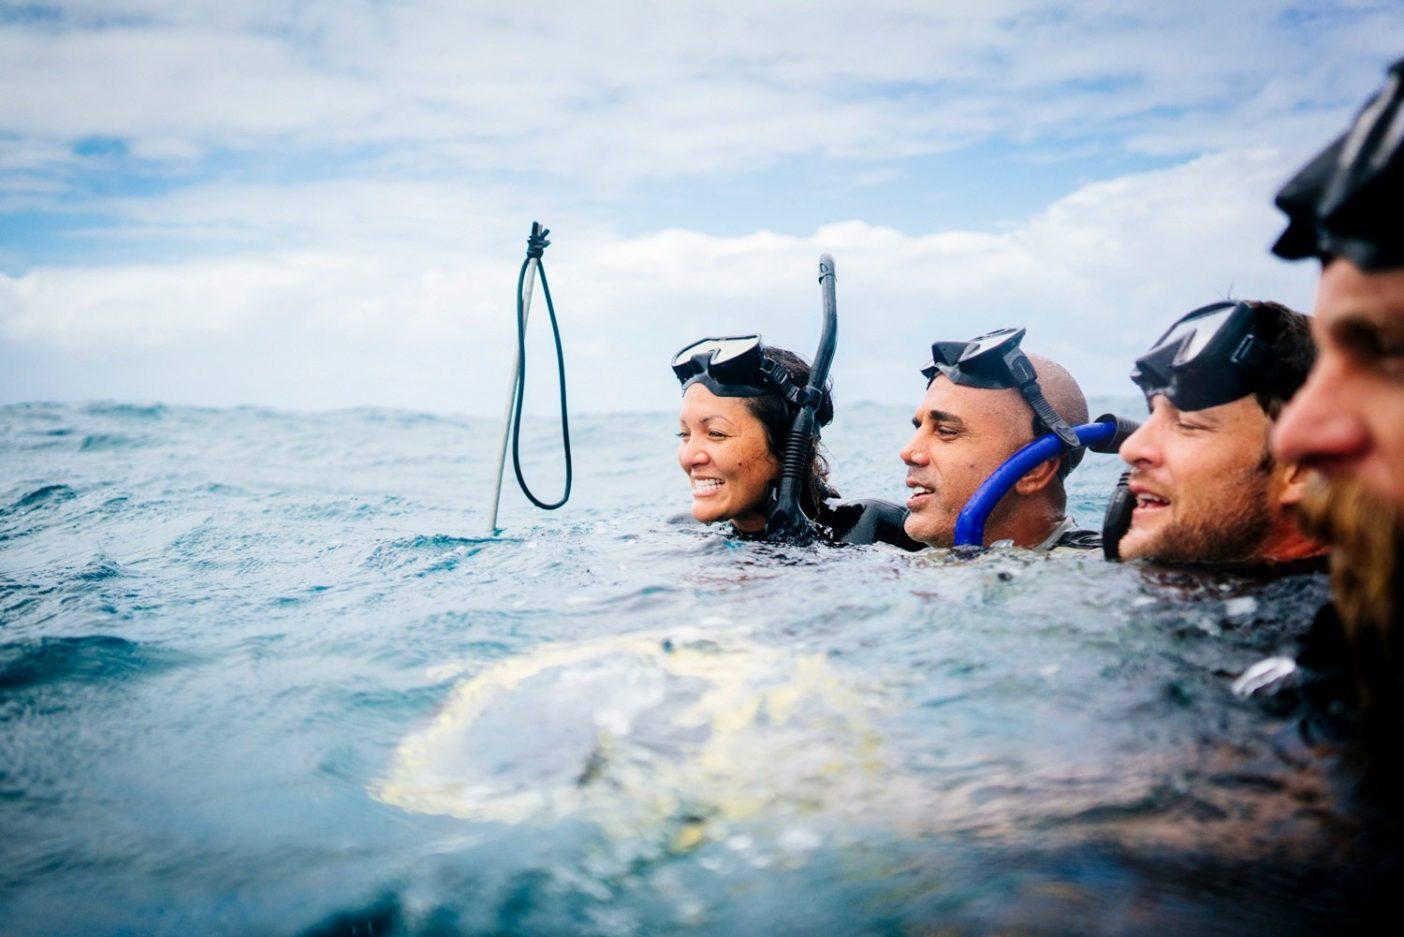 海に浮く『フィッシュピープル』仲間。Photo: Donnie Hedden